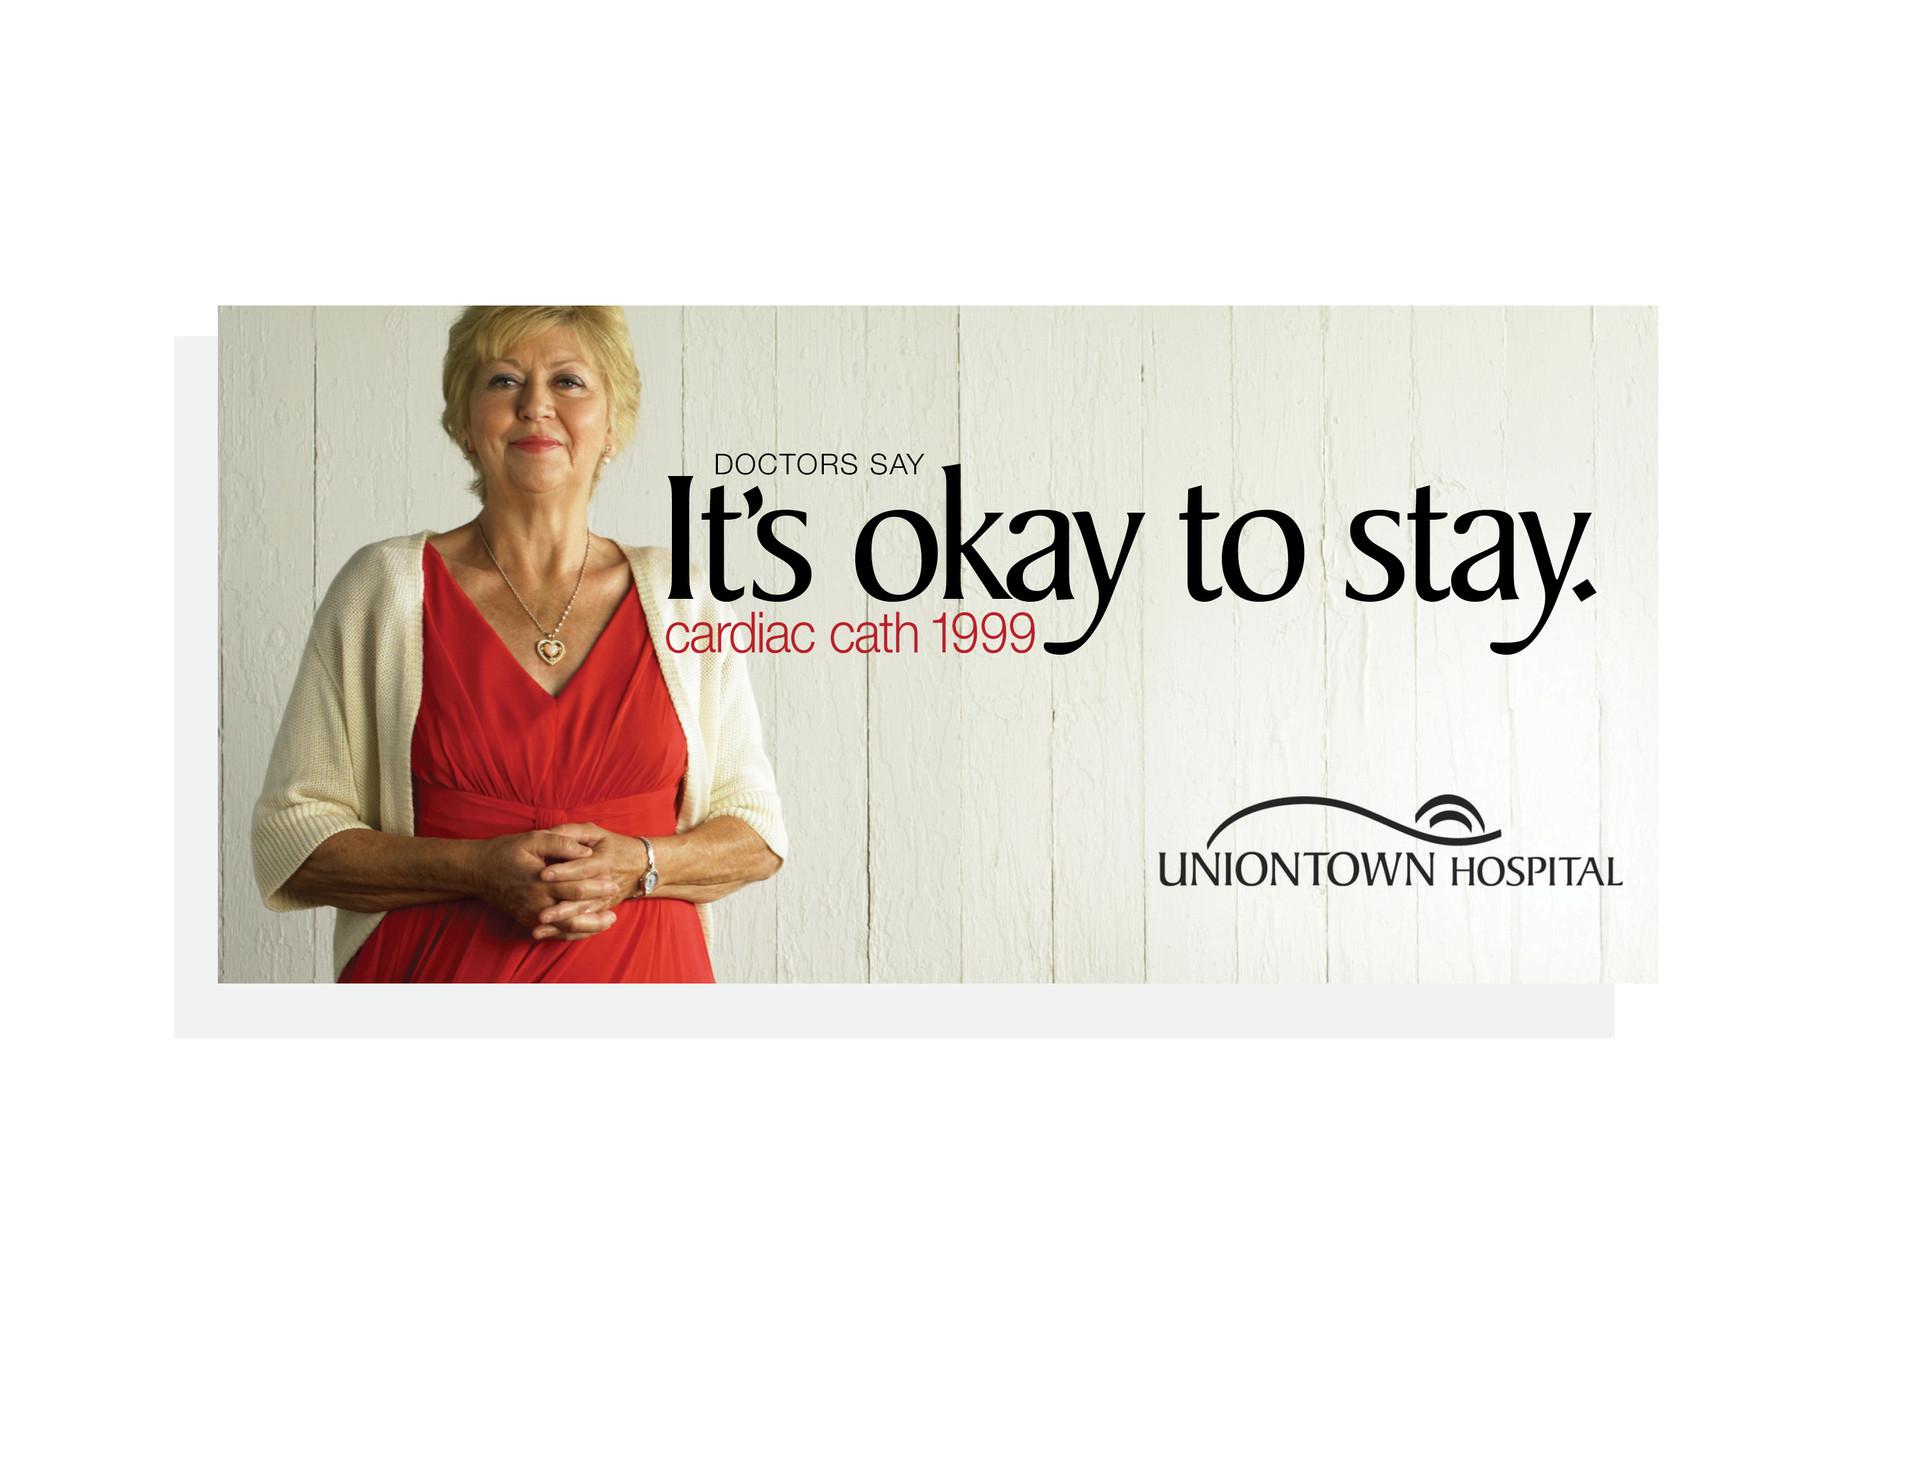 OK_to_stay3.jpg